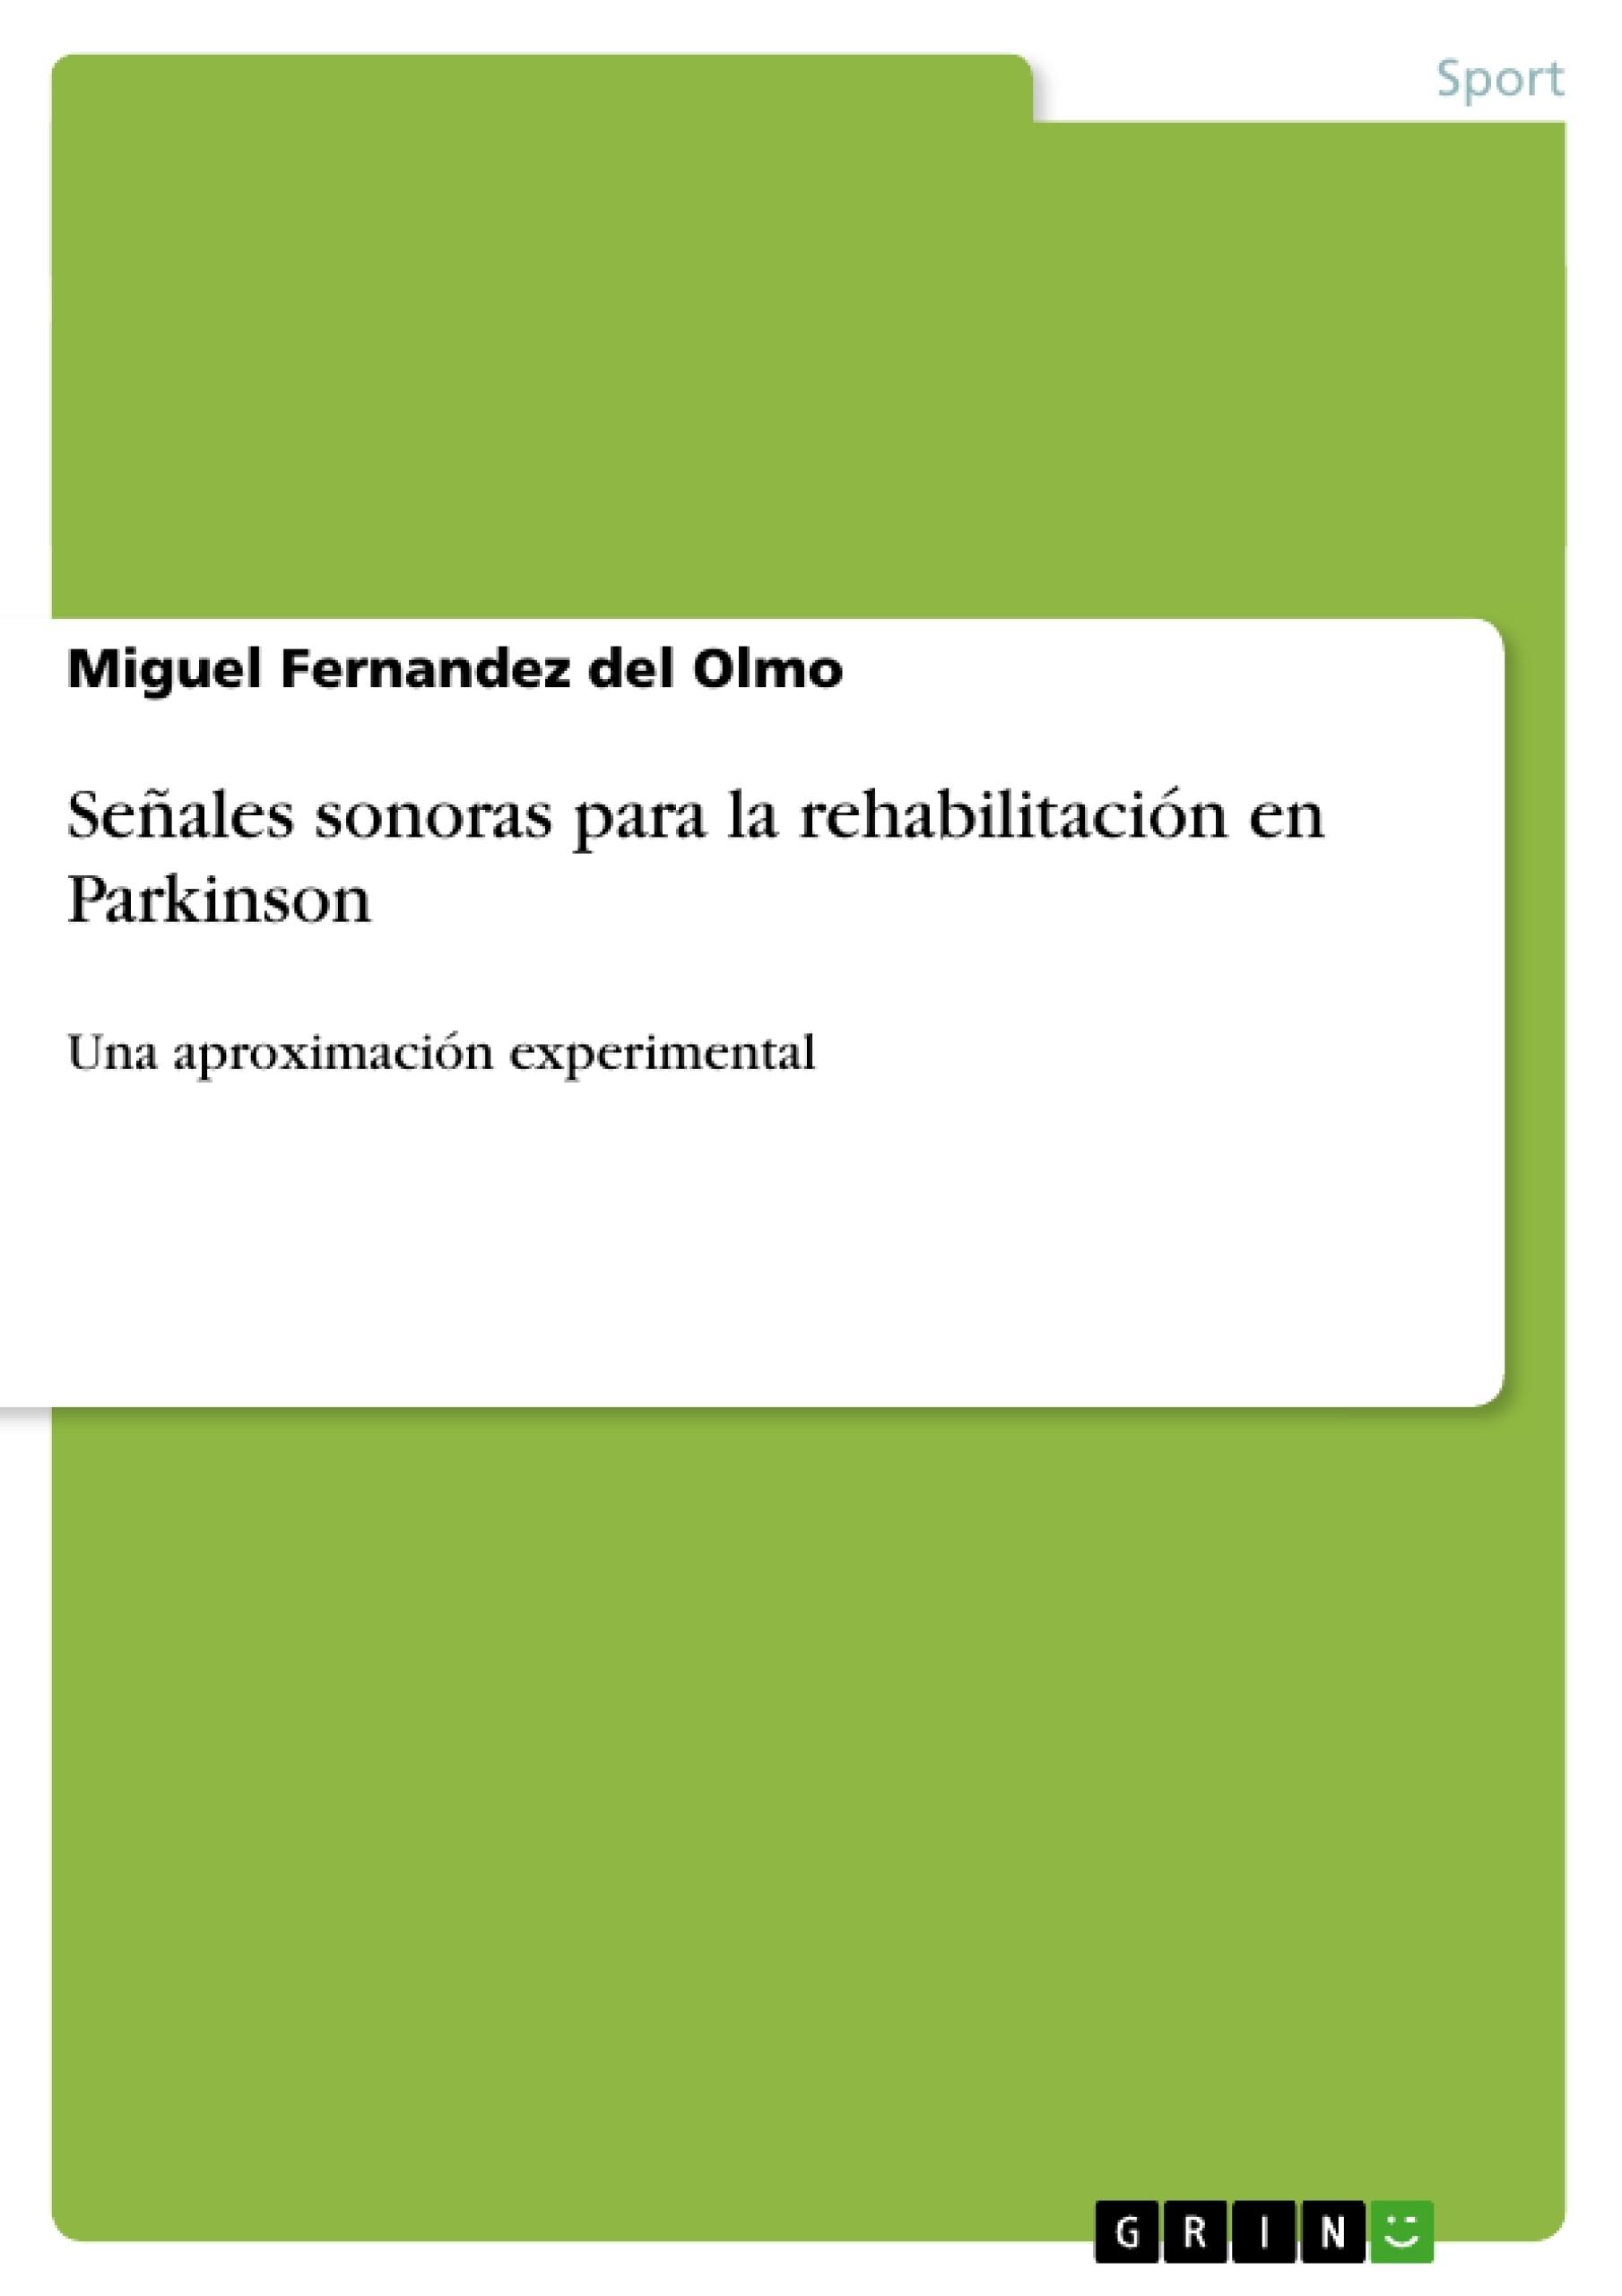 Título: Señales sonoras para la rehabilitación en Parkinson